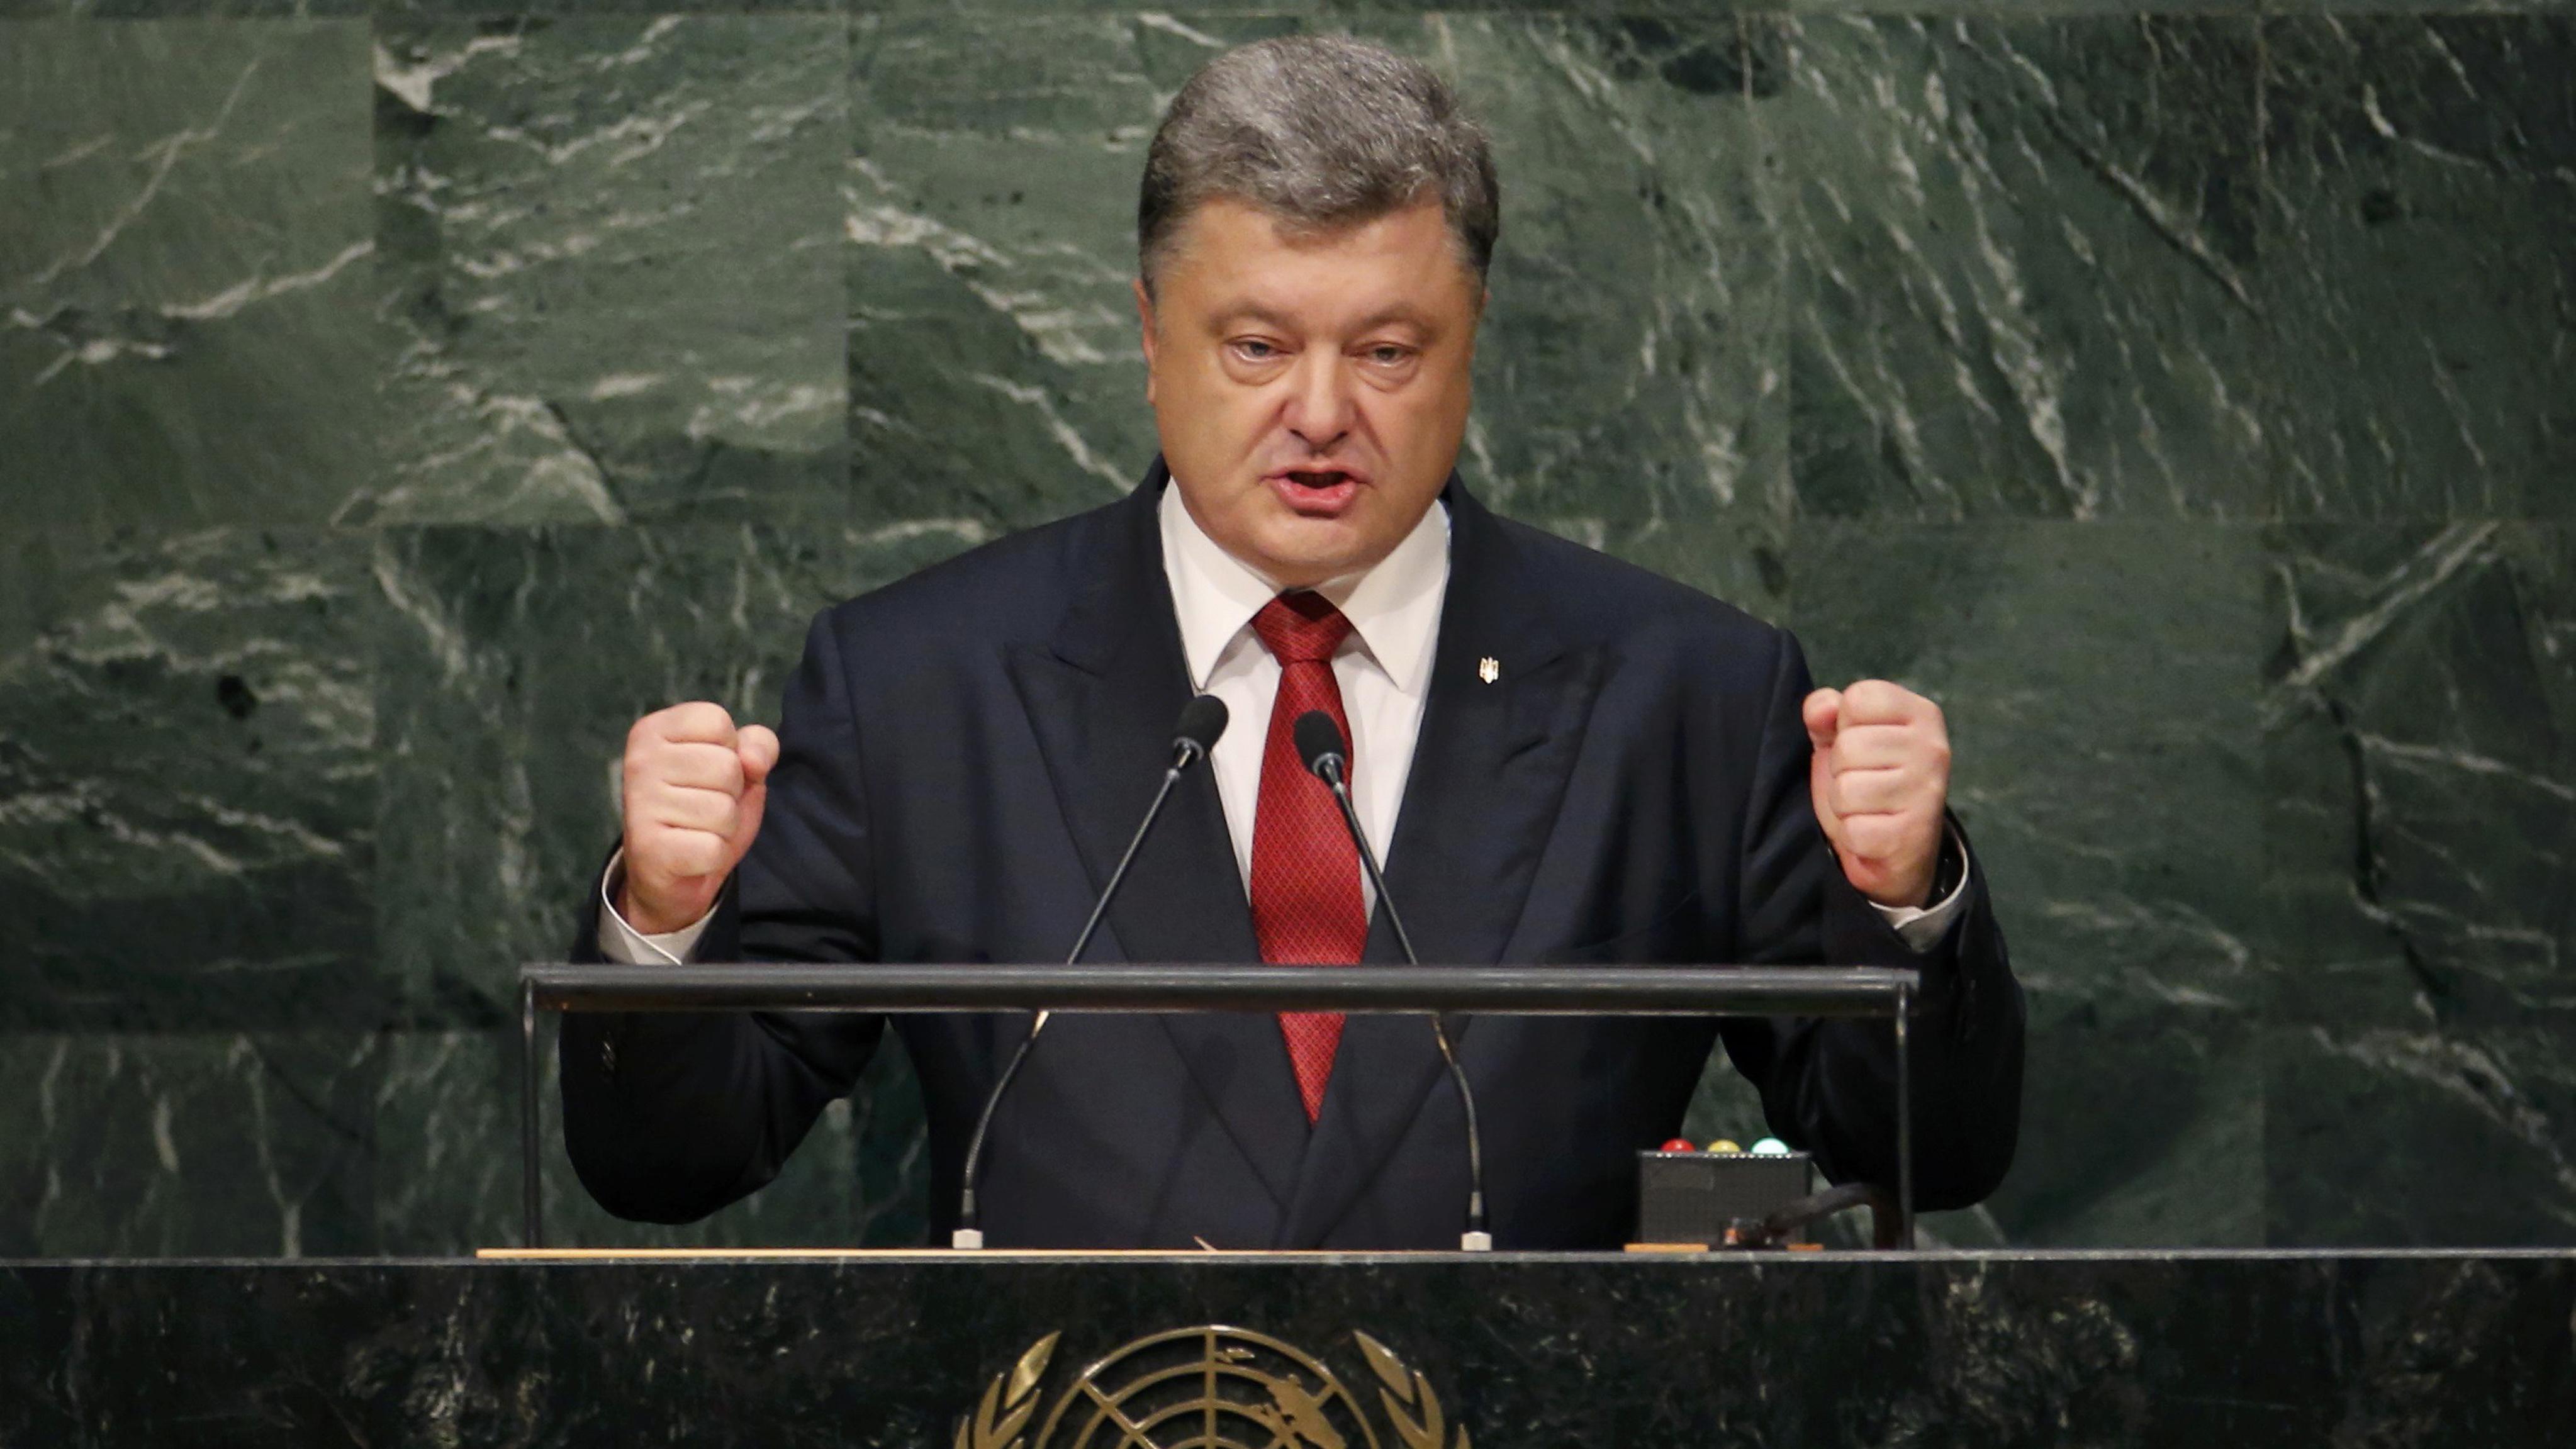 Порошенко: Американское оружие поможет Украине захватить Донбасс